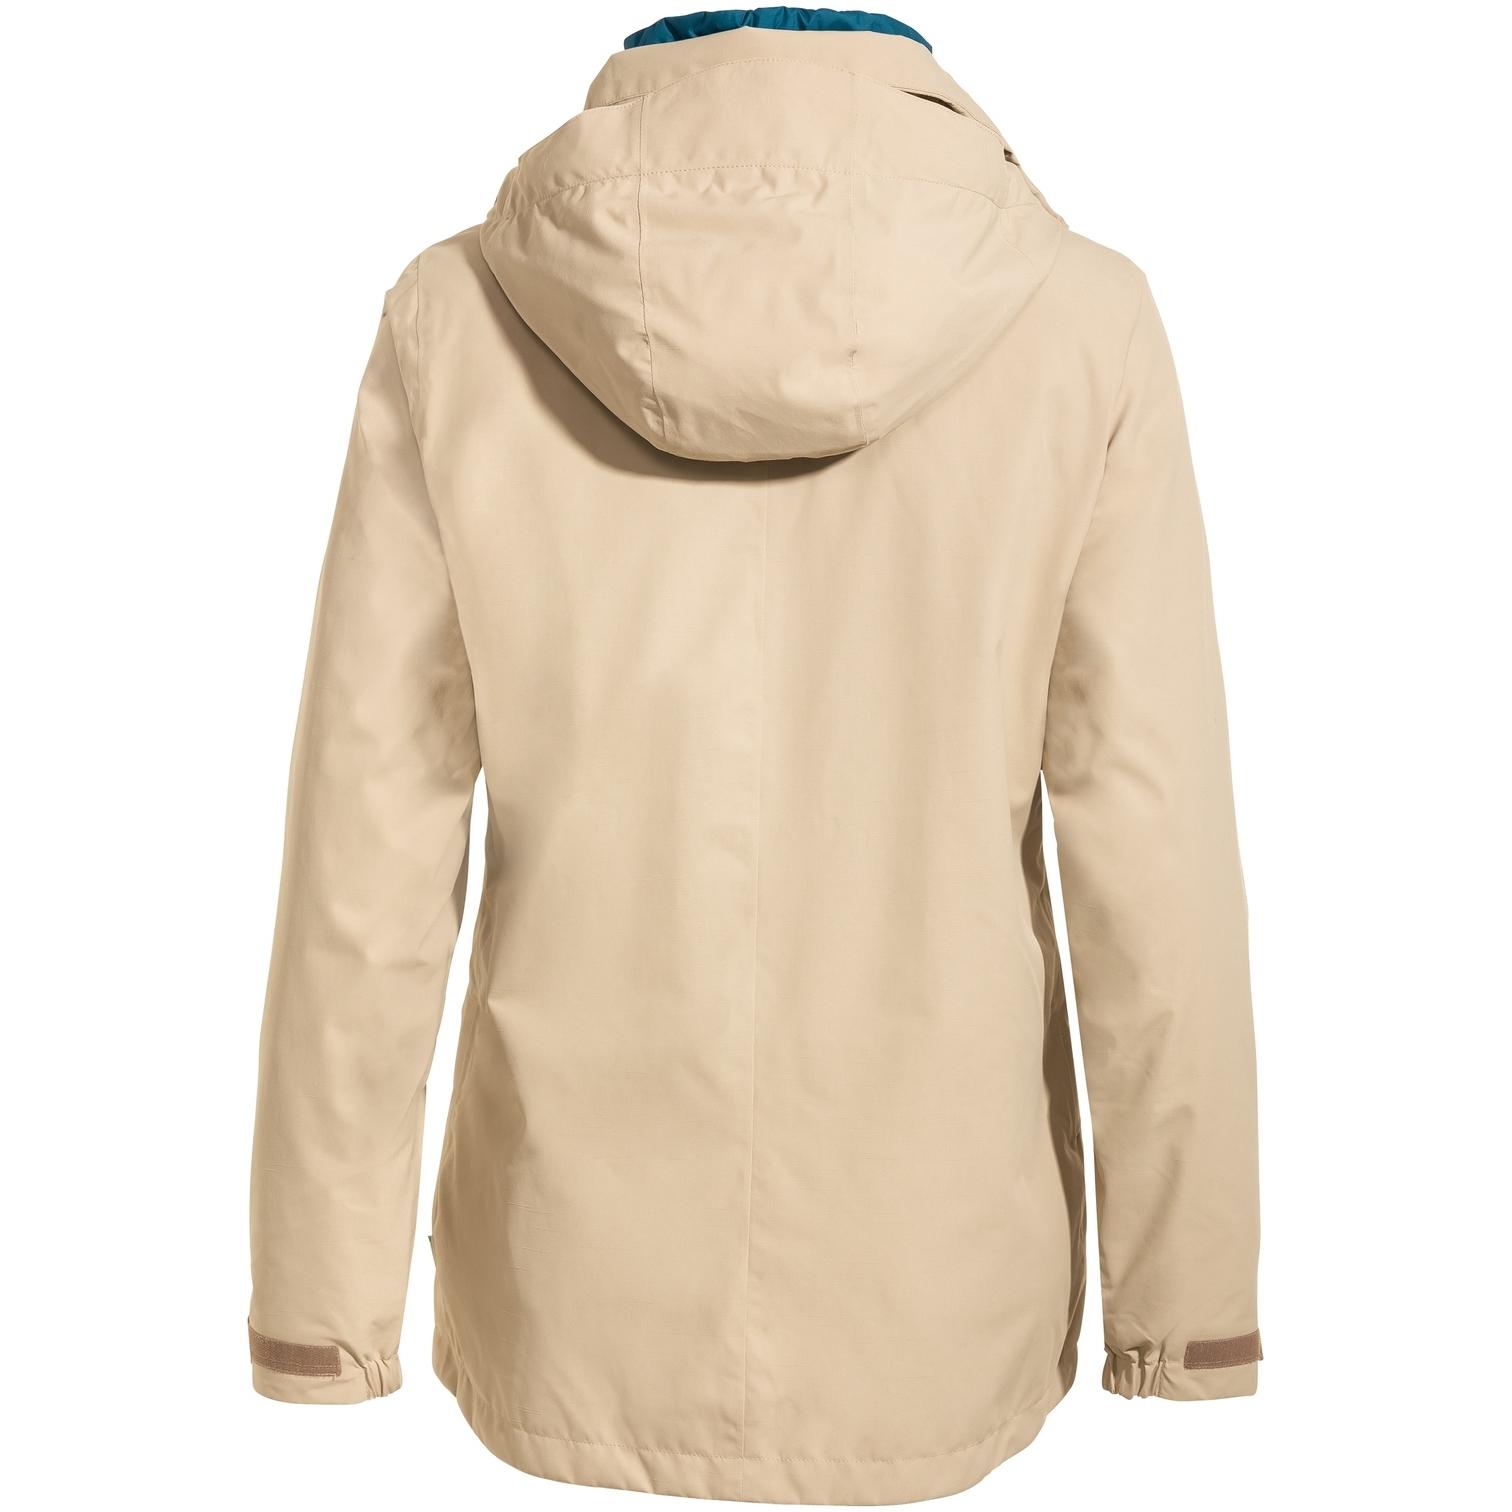 Image of Vaude Women's Skomer 3in1 Jacket - linen